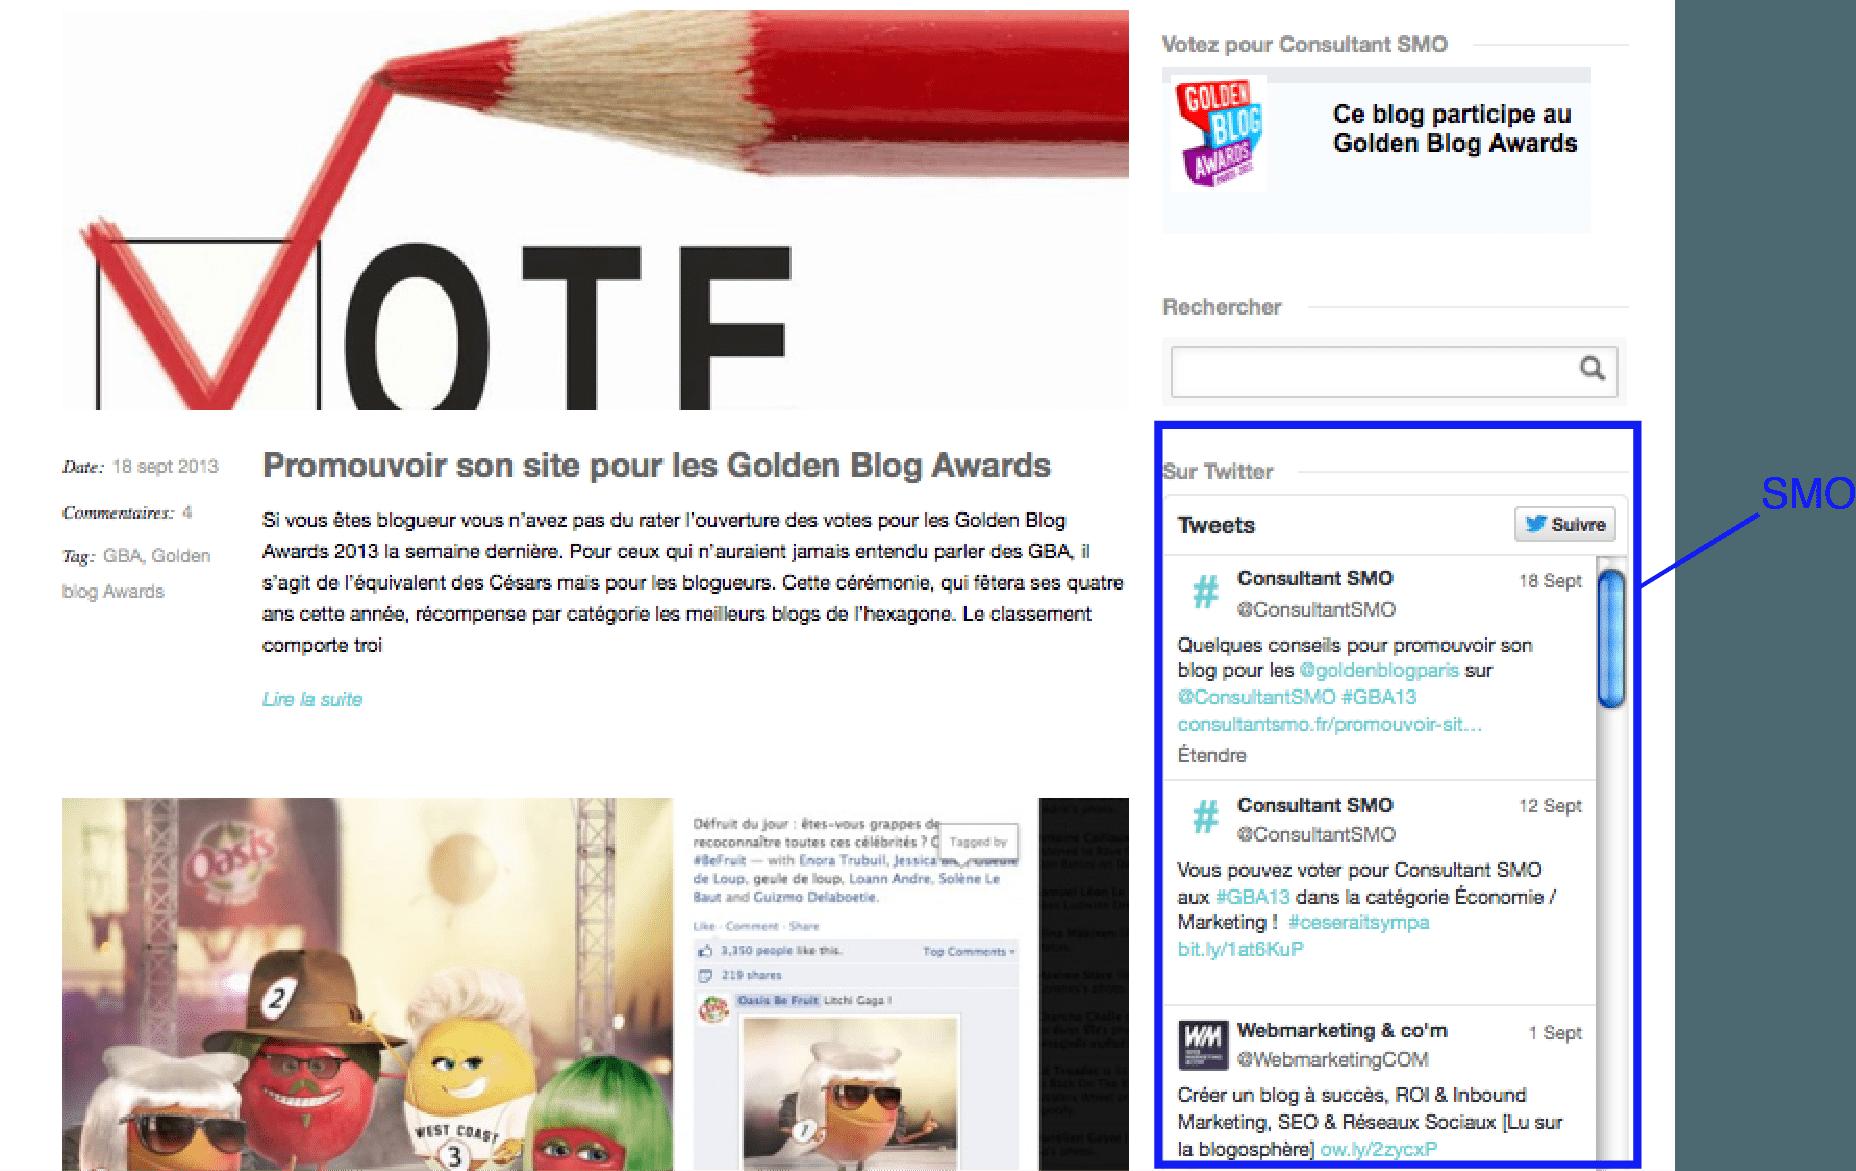 Sem Seo Sea Tweets, Blog, Moteur de recherche